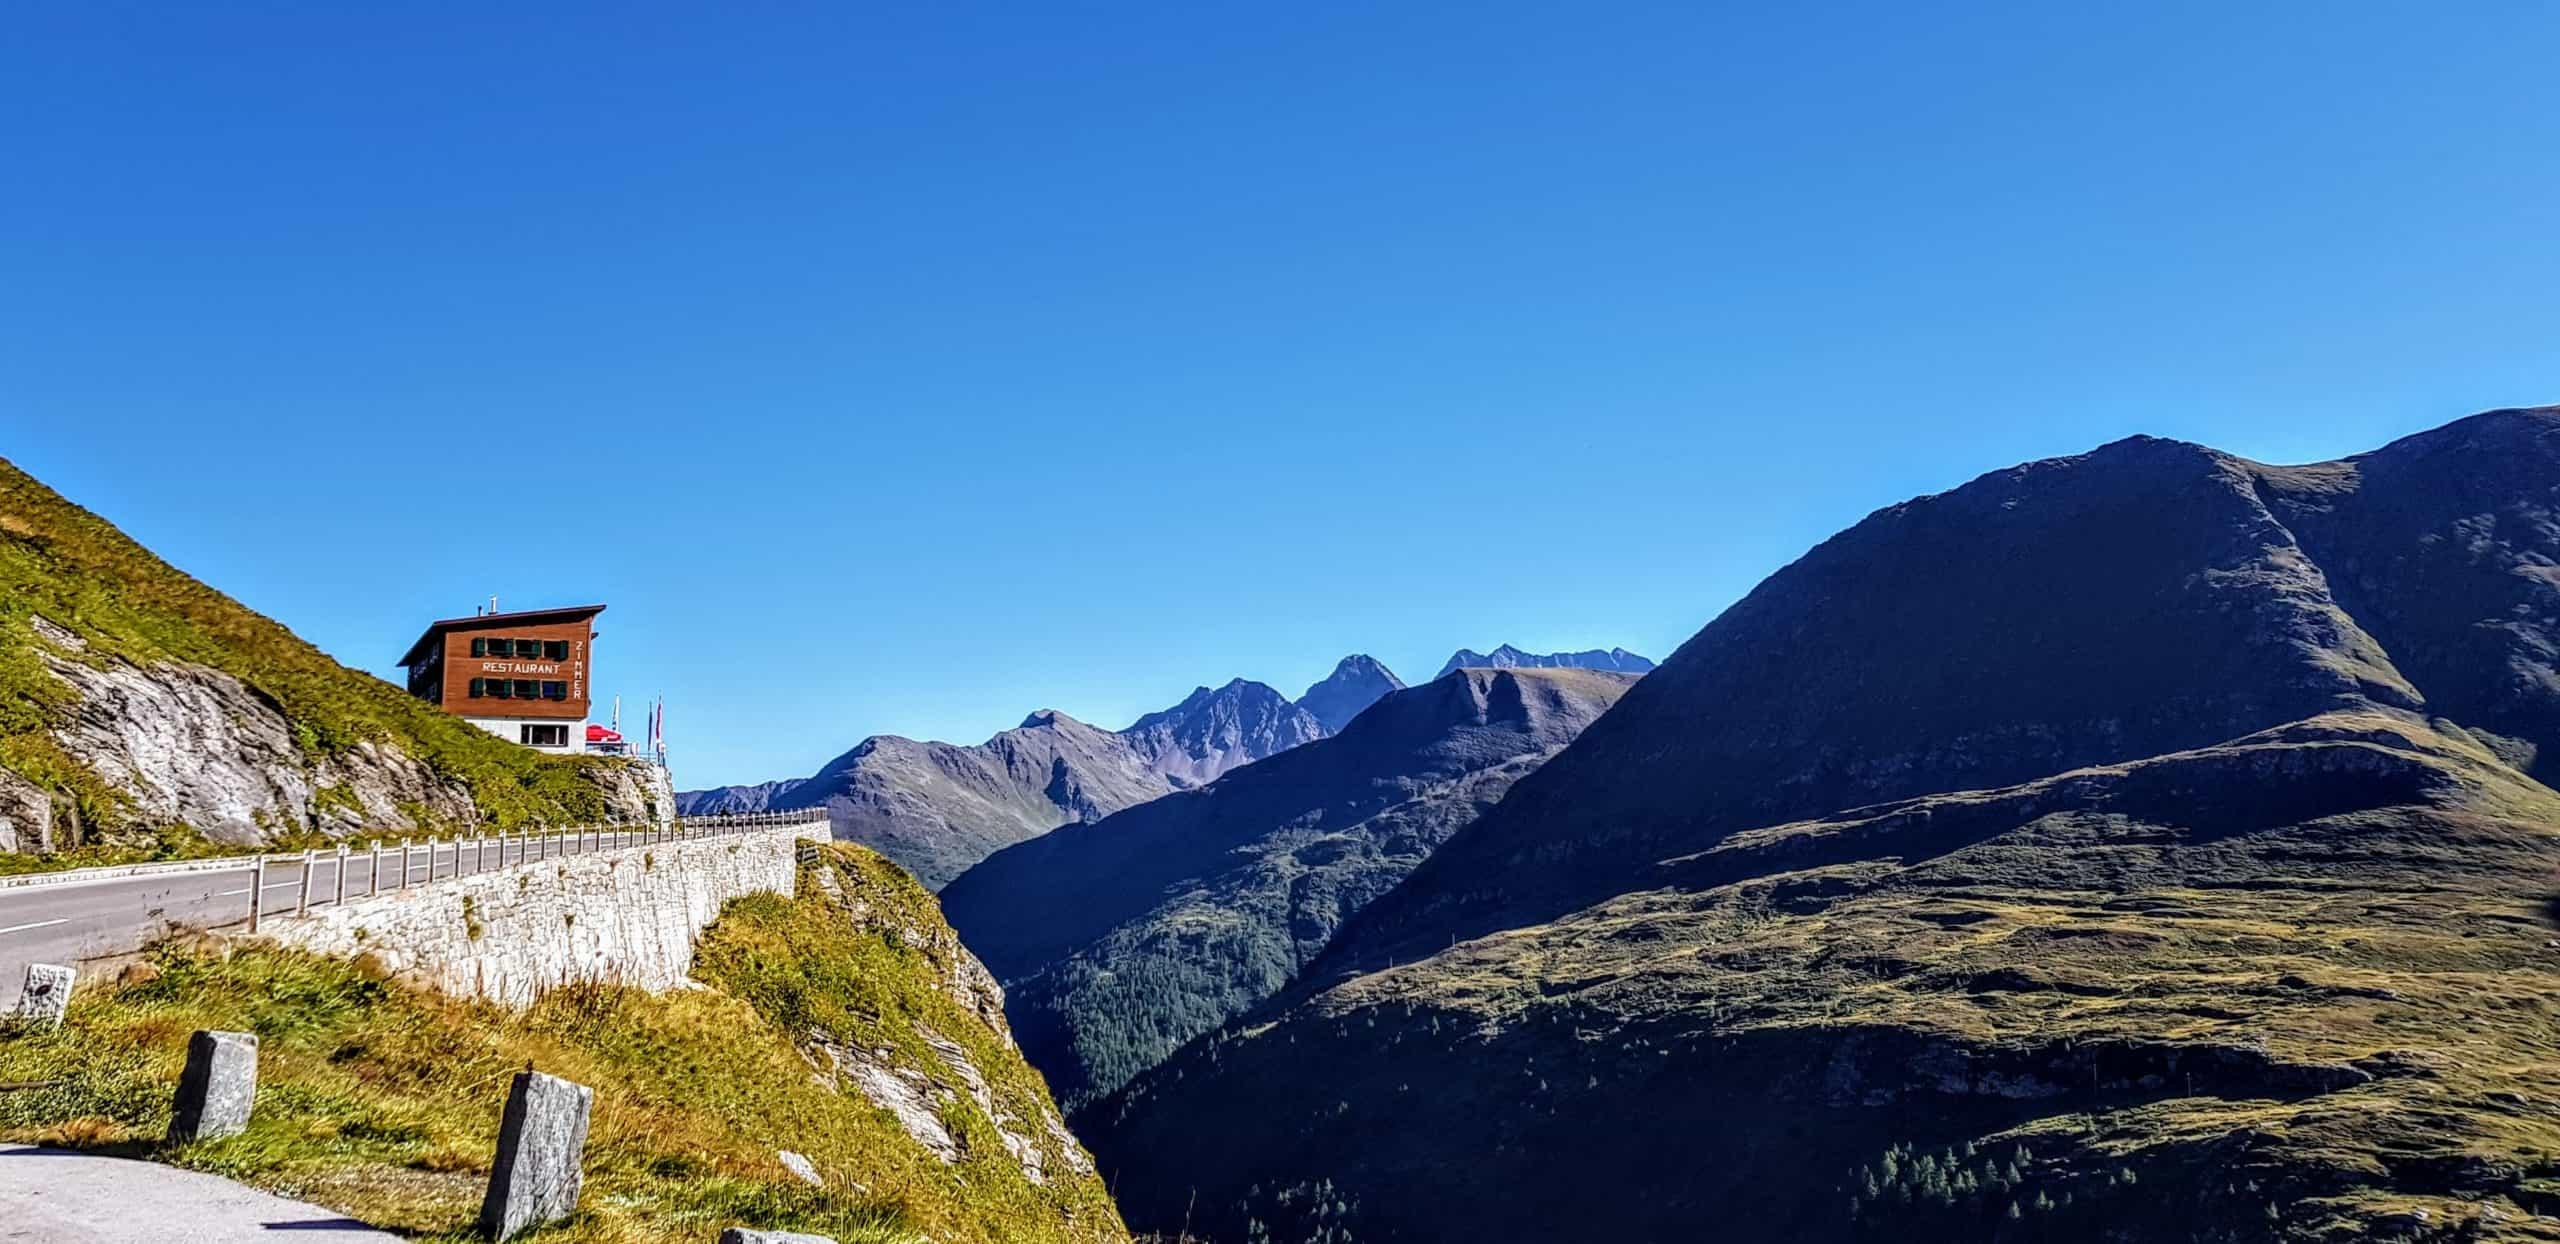 Entlang der Großglockner Hochalpenstraße im Nationalpark Hohe Tauern - Panoramastraße & Sehenswürdigkeit in Österreich, Kärnten & Salzburg